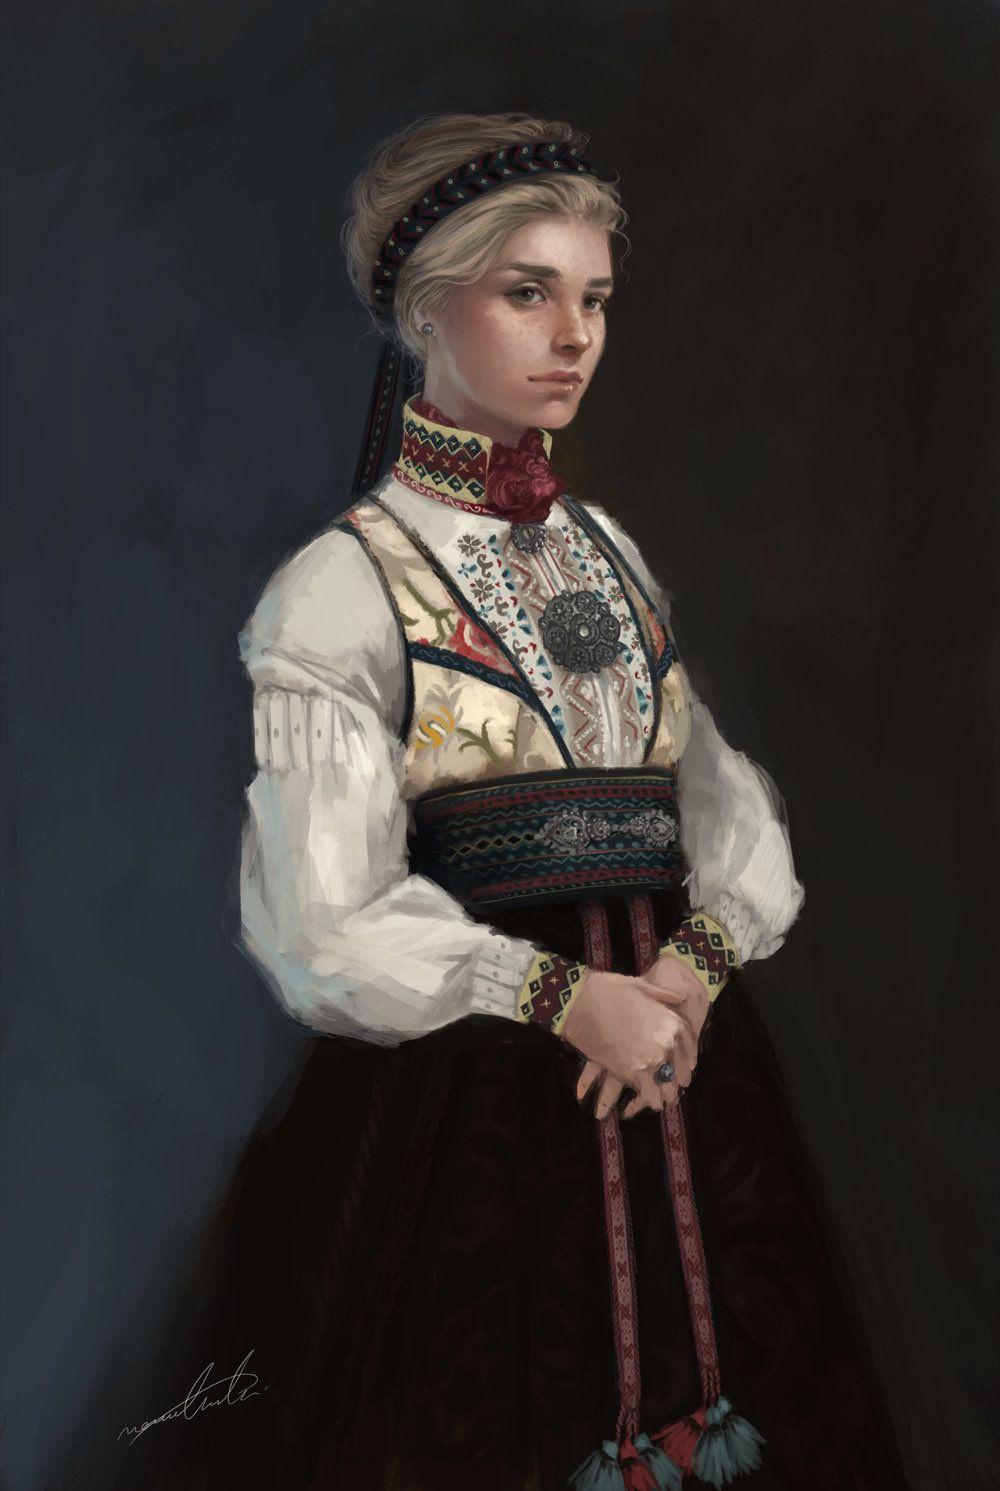 Lady Witten